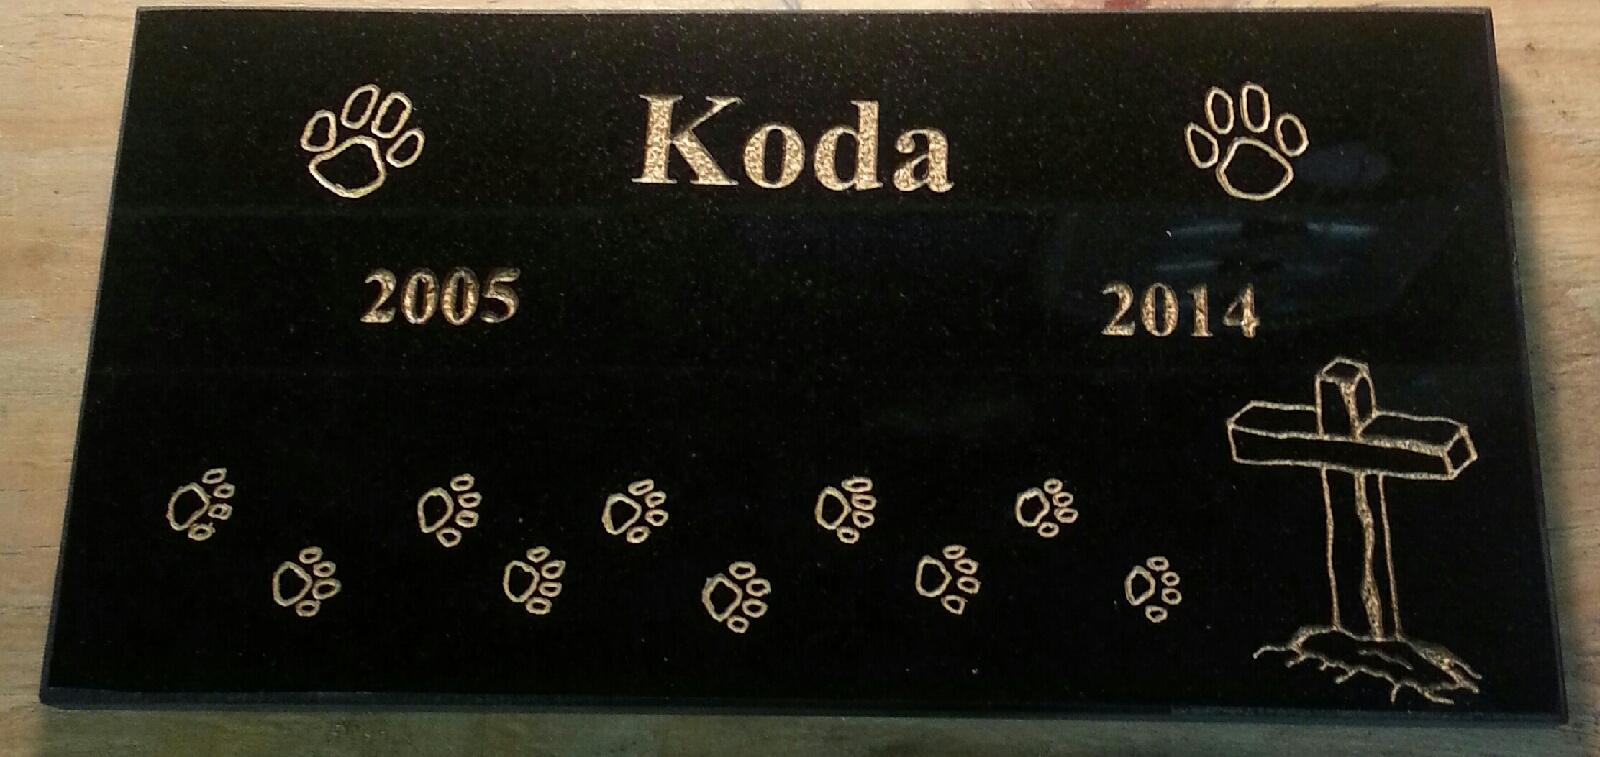 https://0201.nccdn.net/1_2/000/000/0a2/357/Koda-1600x757.jpg